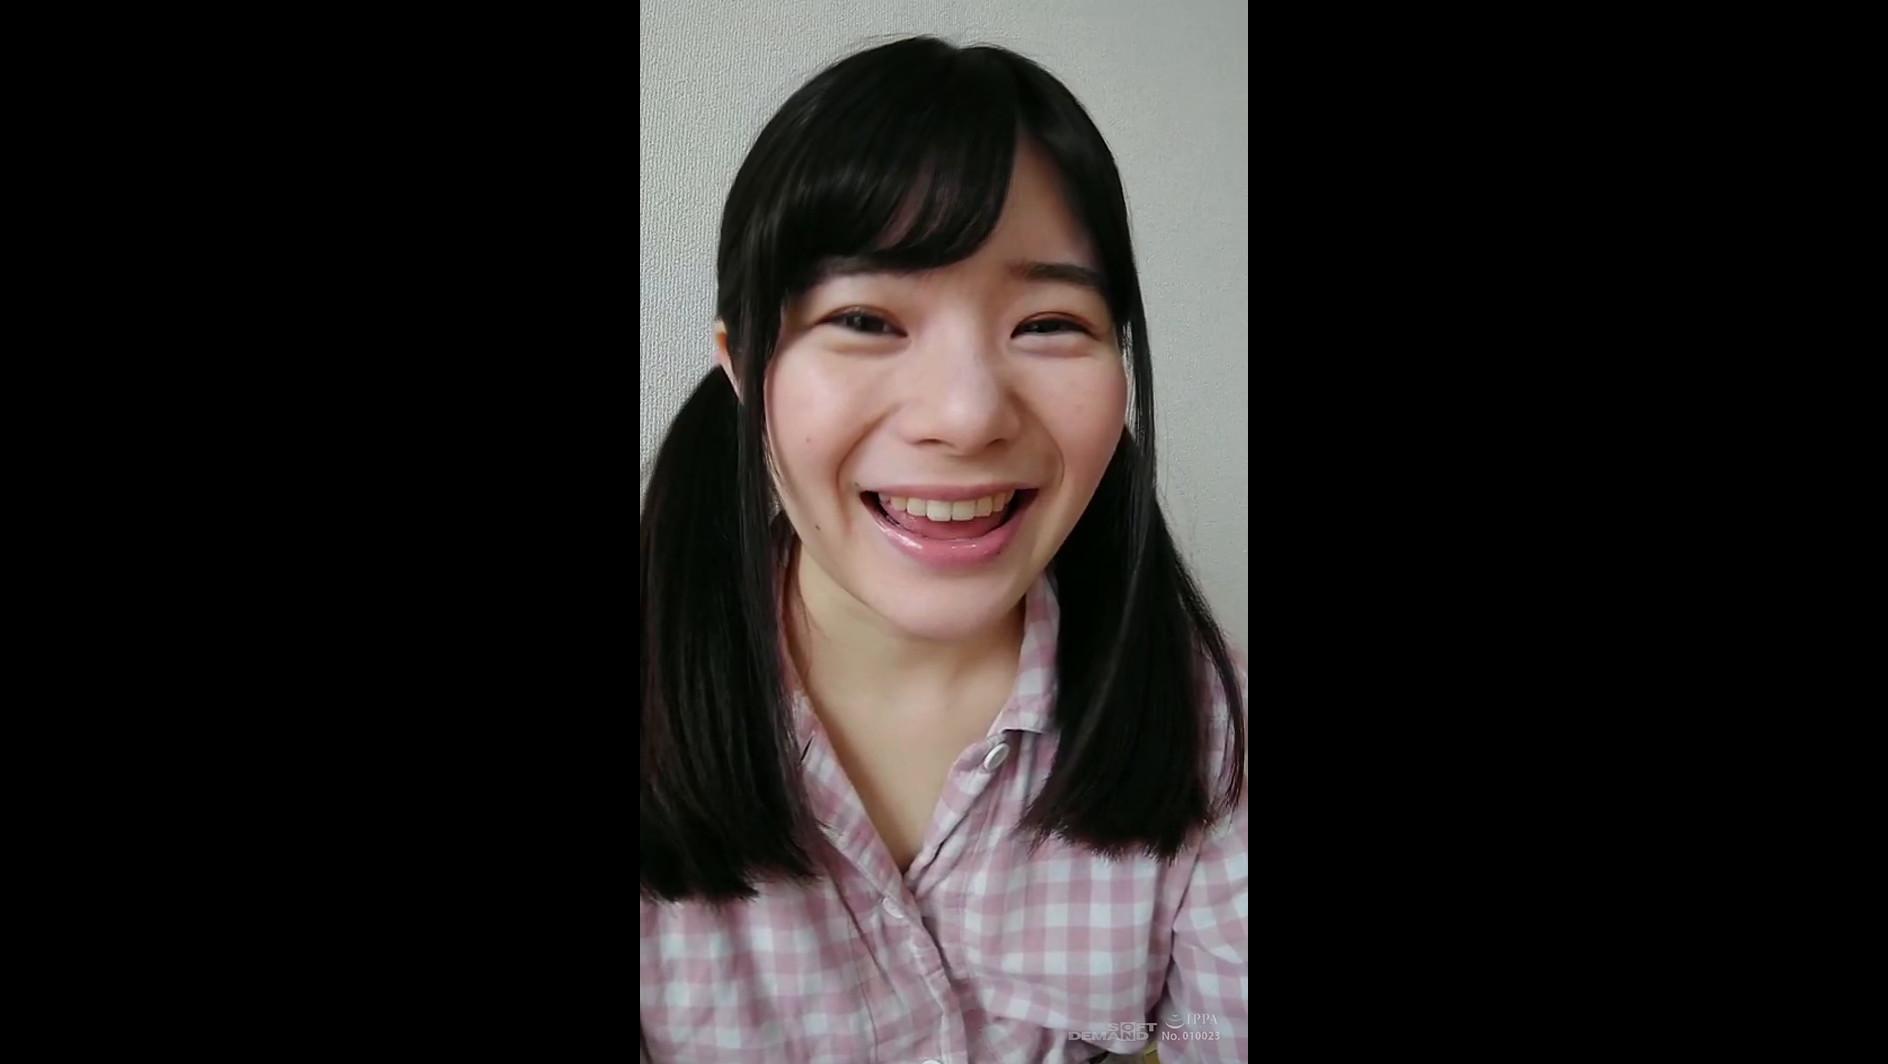 ビデオ通話エッチ JOI りんご 【縦動画】